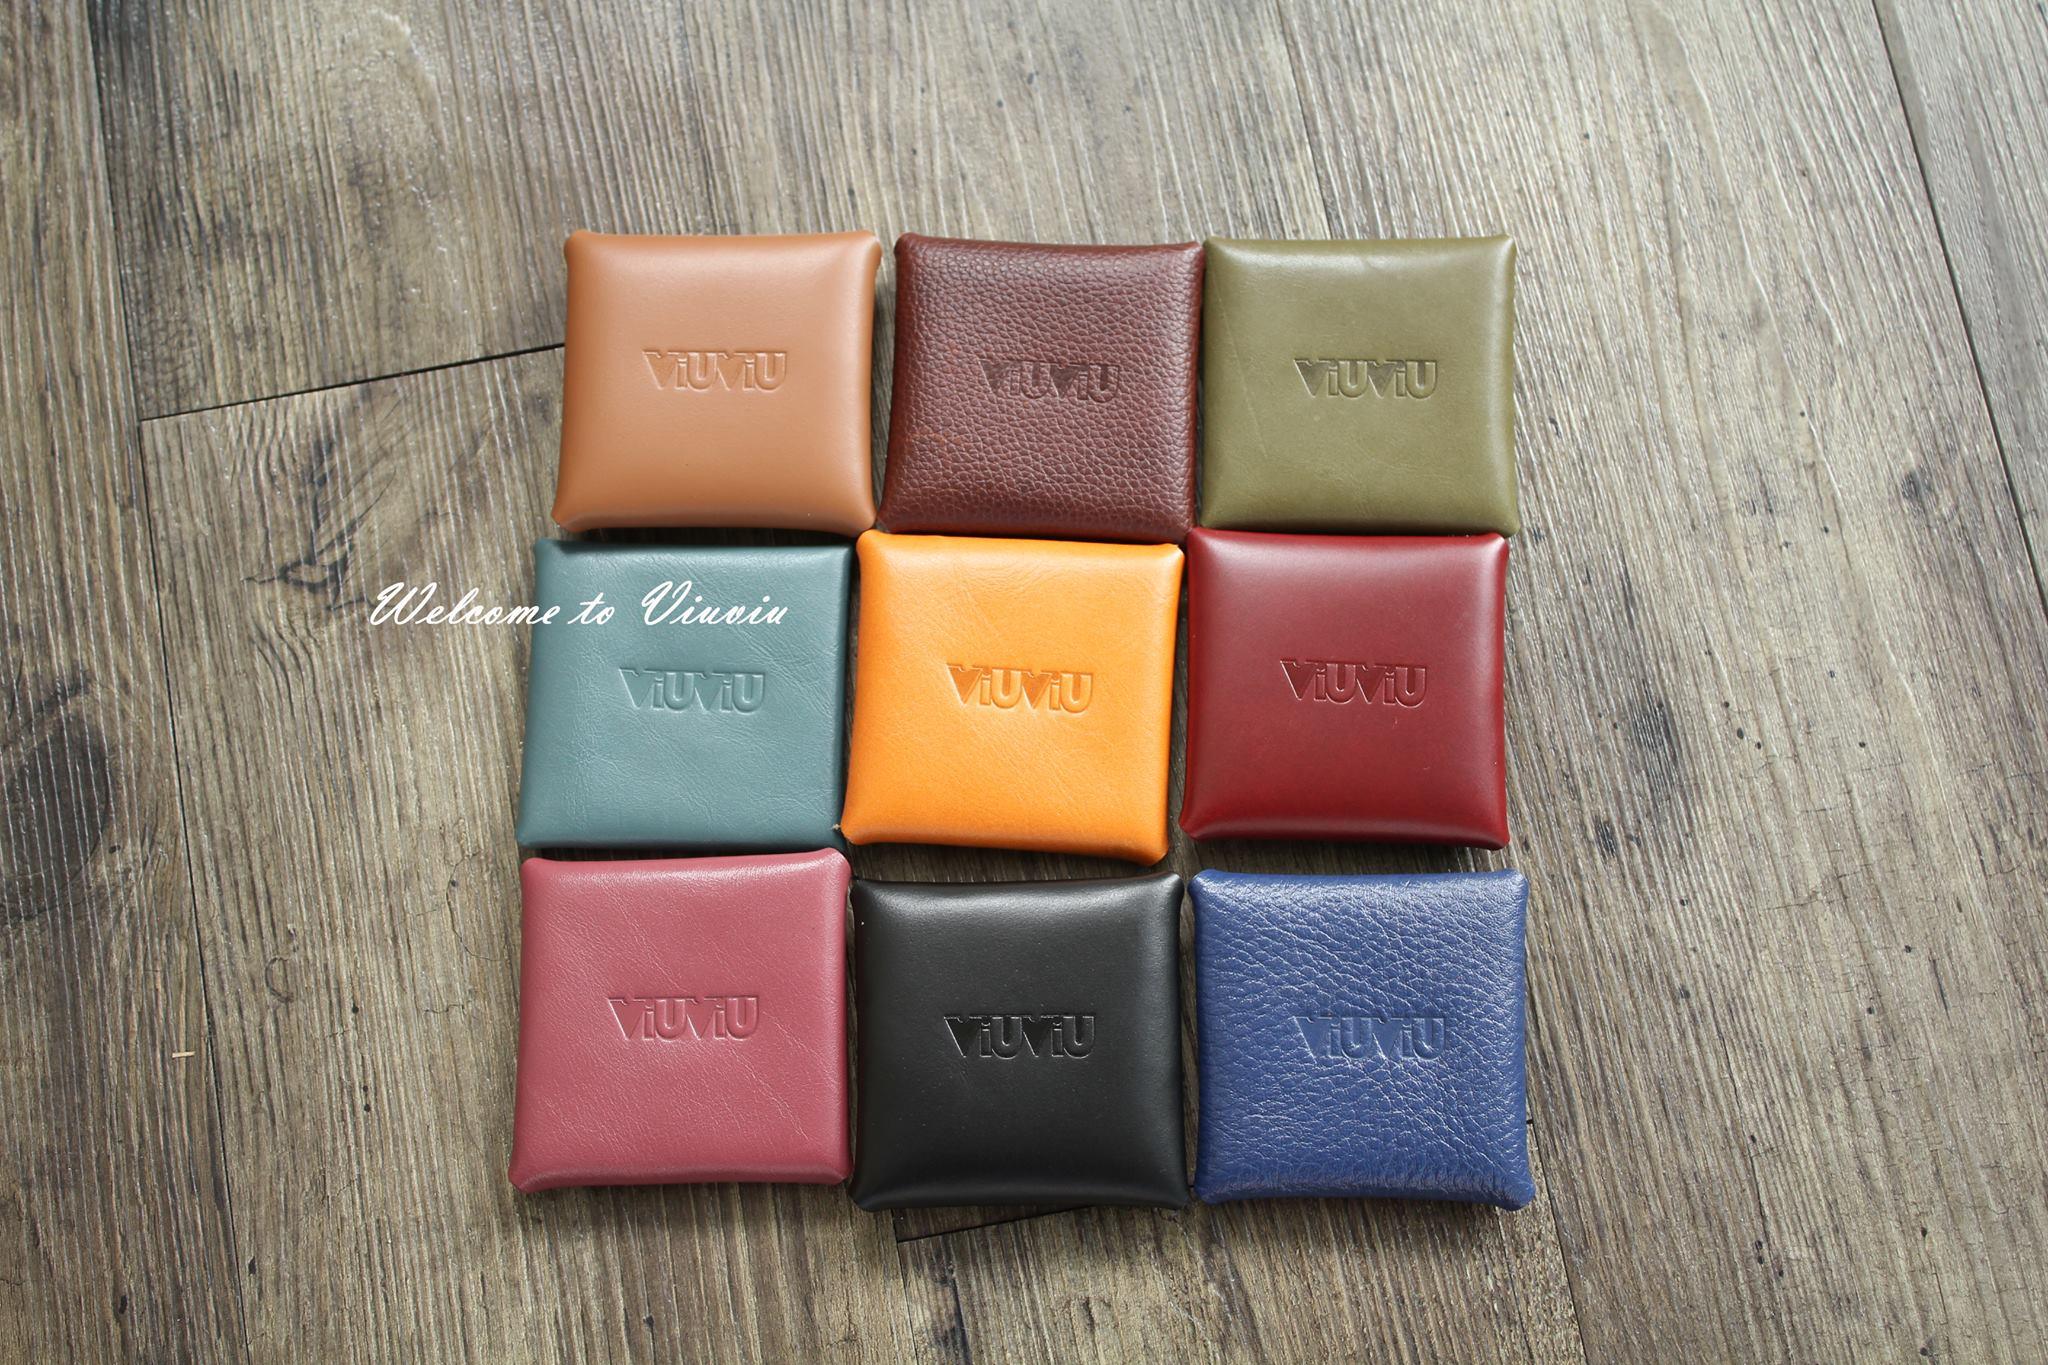 VIUVIU(獨家現貨)日系靈感原創設計 頭層牛皮四方零錢包 真皮零錢包 真皮皮包皮件 台灣製 附牛皮紙盒包裝